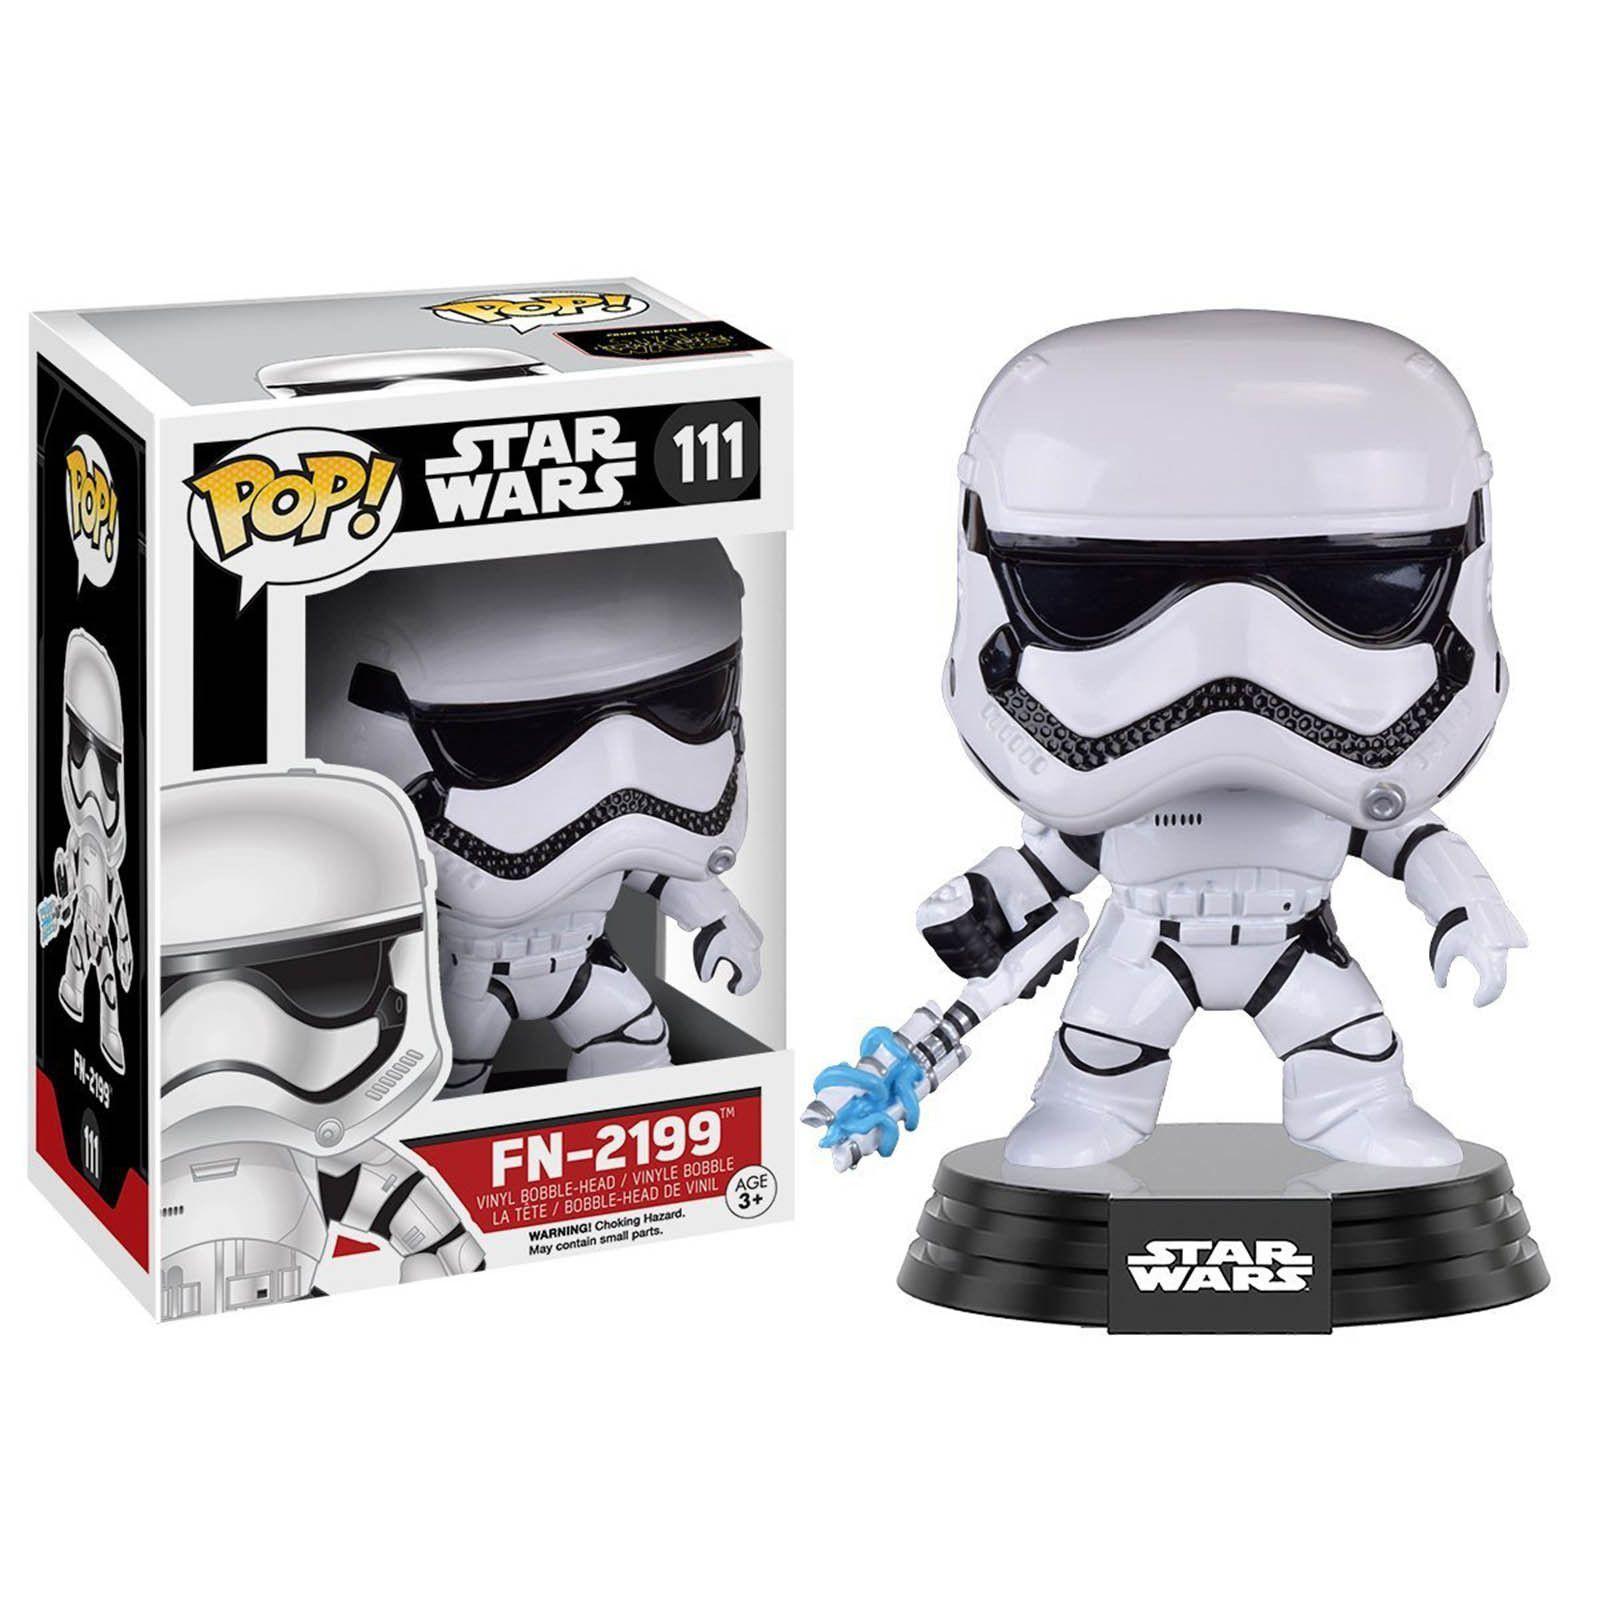 Funko Star Wars Force Awakens Pop Fn 2199 Trooper Bobble Head Vinyl Figure Funko Pop Star Wars Star Wars Toys Star Wars Stormtrooper